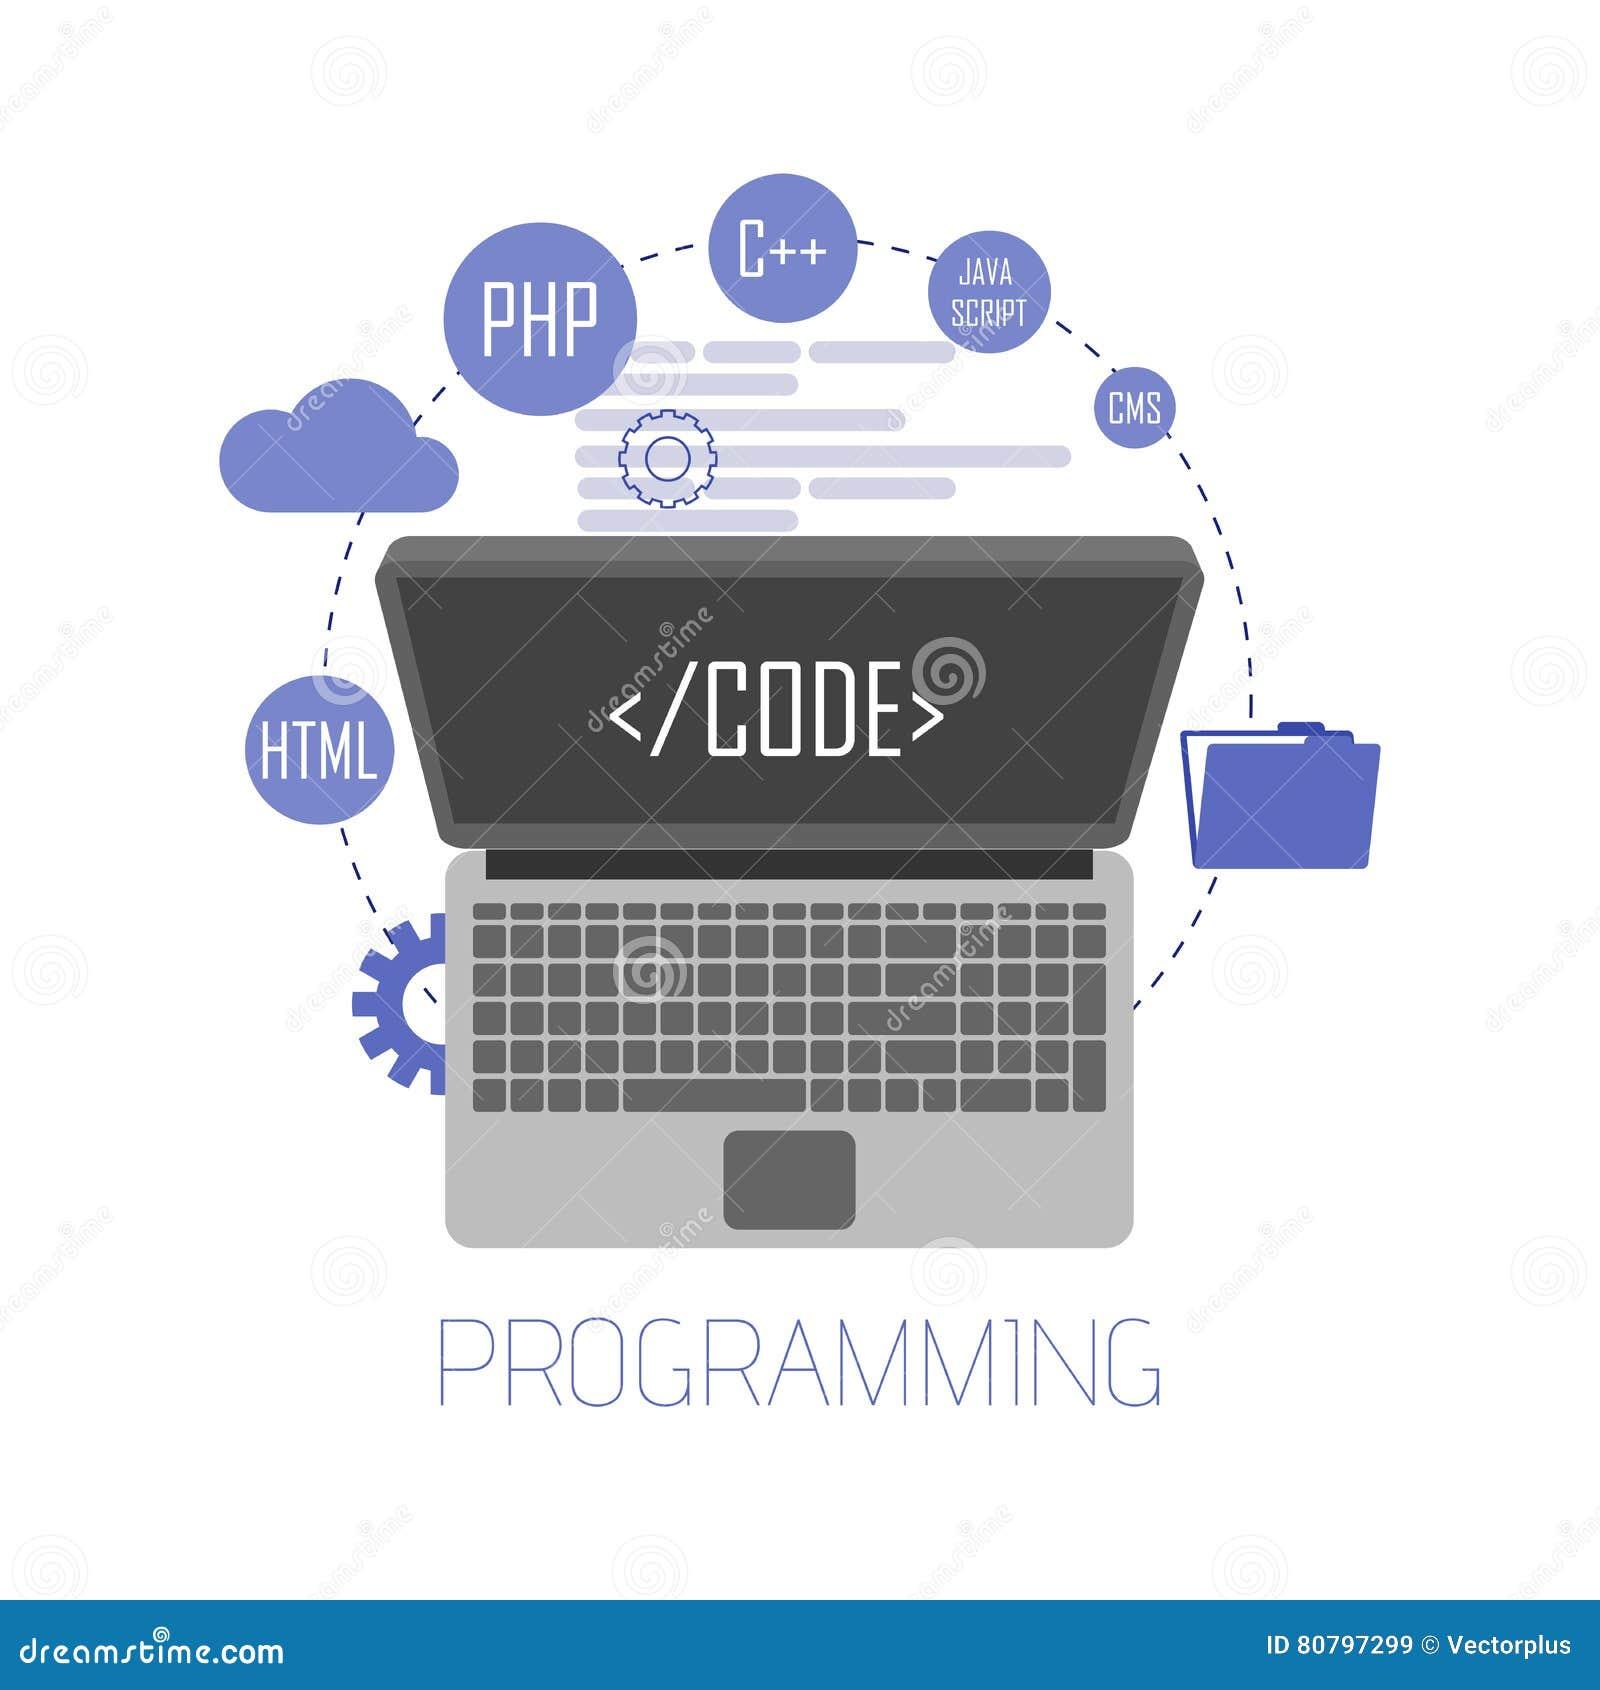 Προγραμματίζοντας και κωδικοποιώντας, ανάπτυξη ιστοχώρου, σχέδιο Ιστού επίπεδος